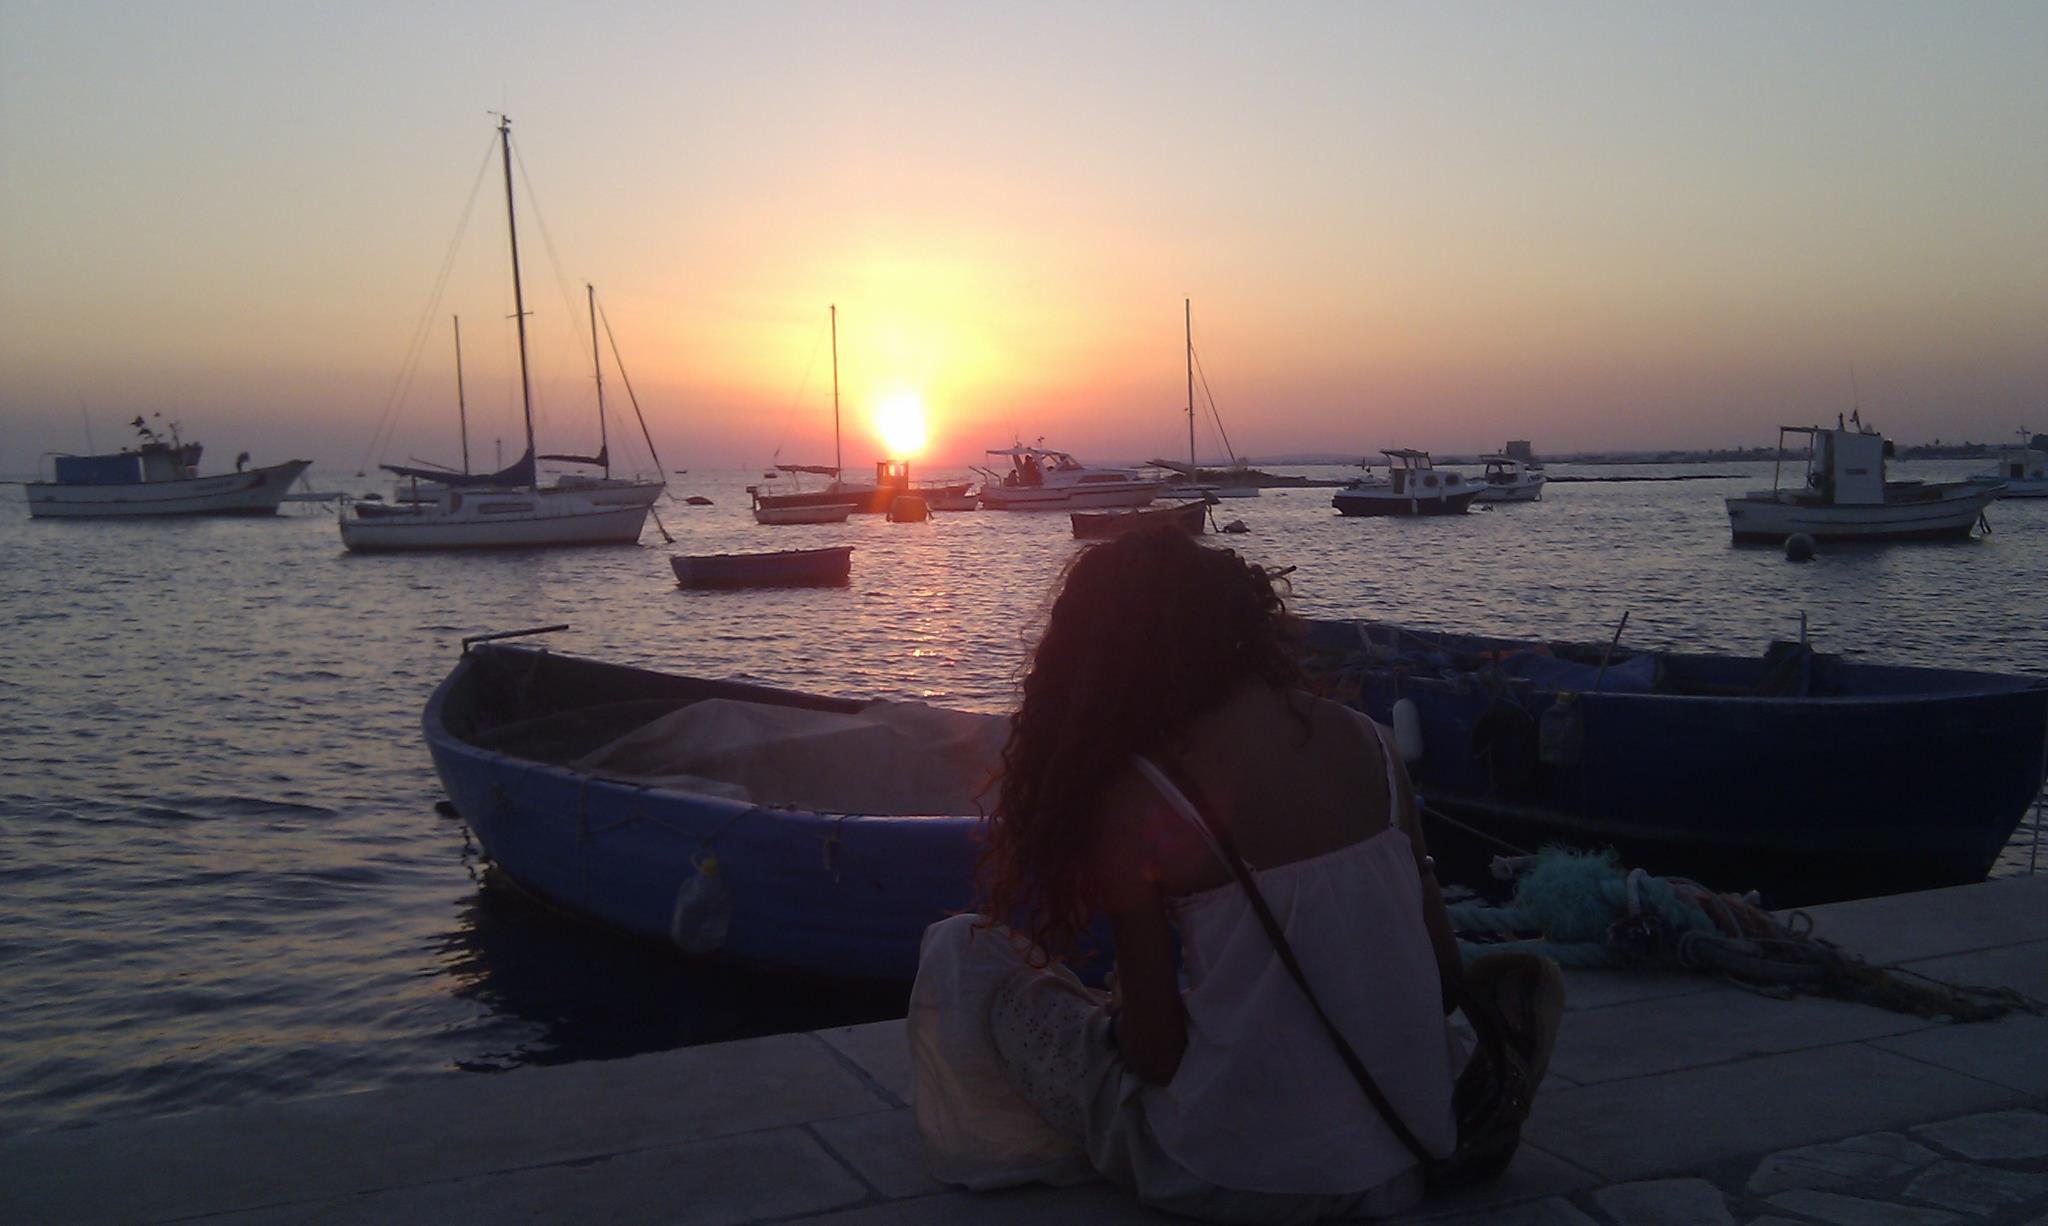 Perché un viaggio da sola fa dimenticare le pene d'amore? 5 motivi.